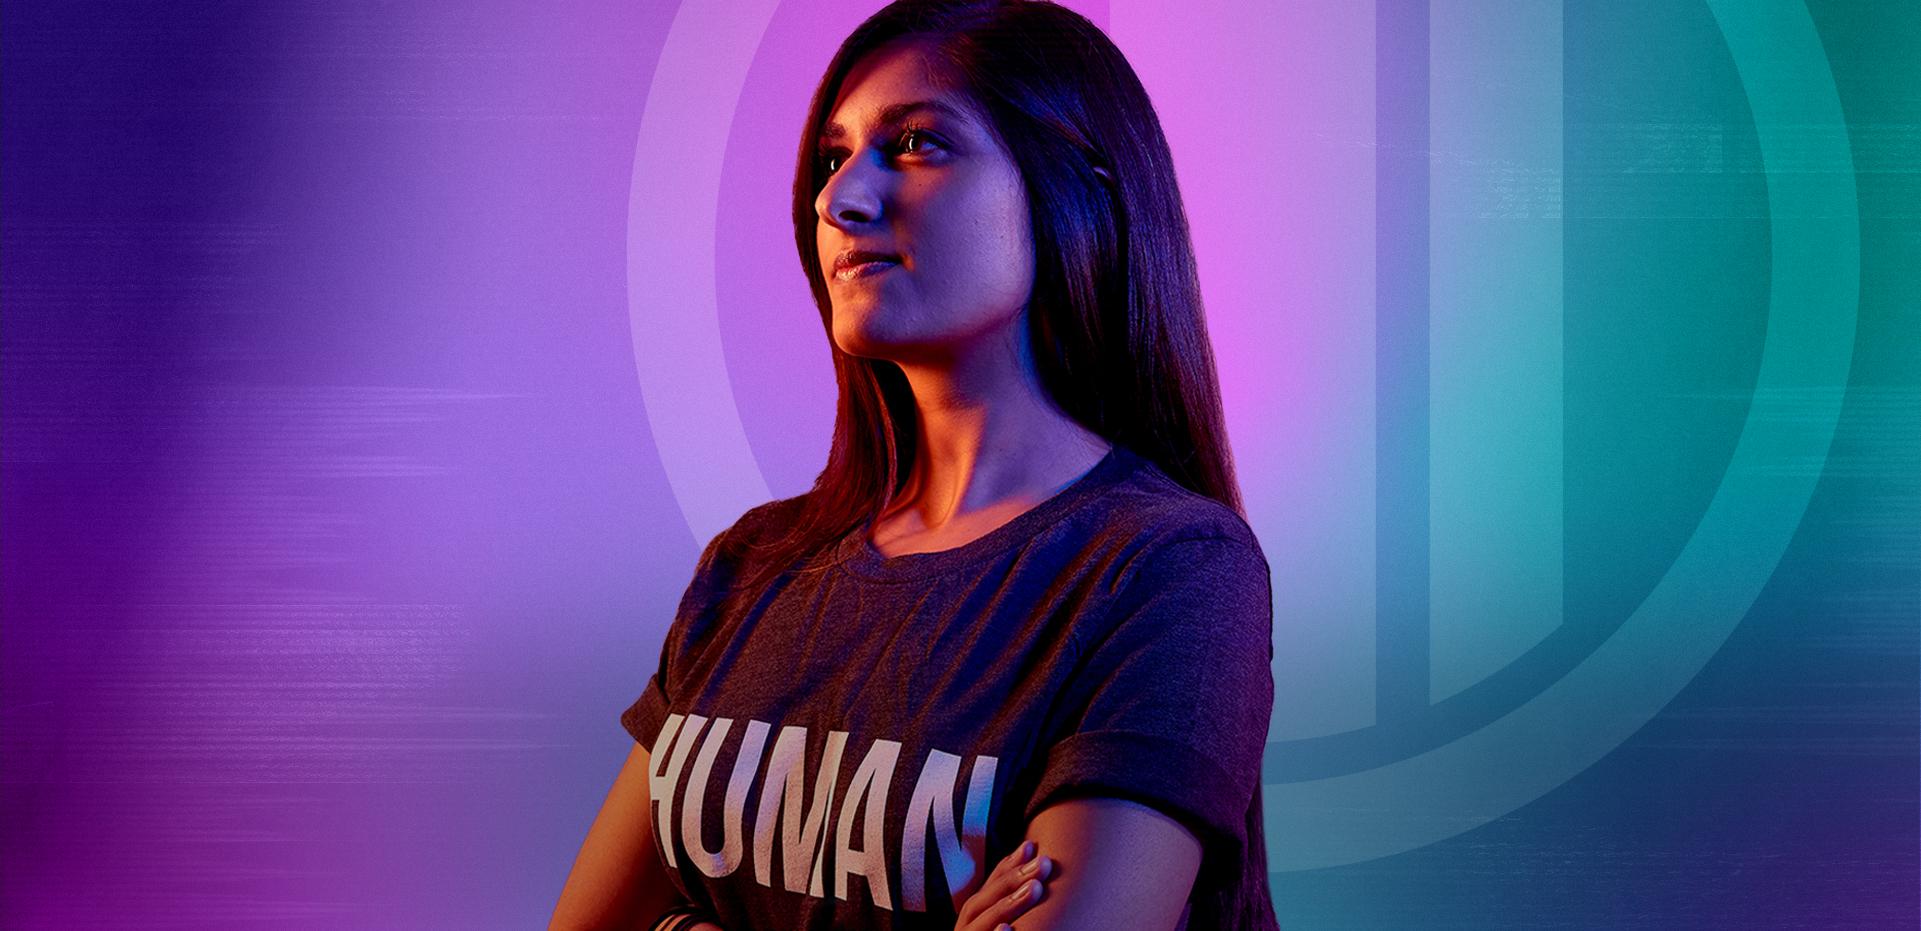 Human - Natasha